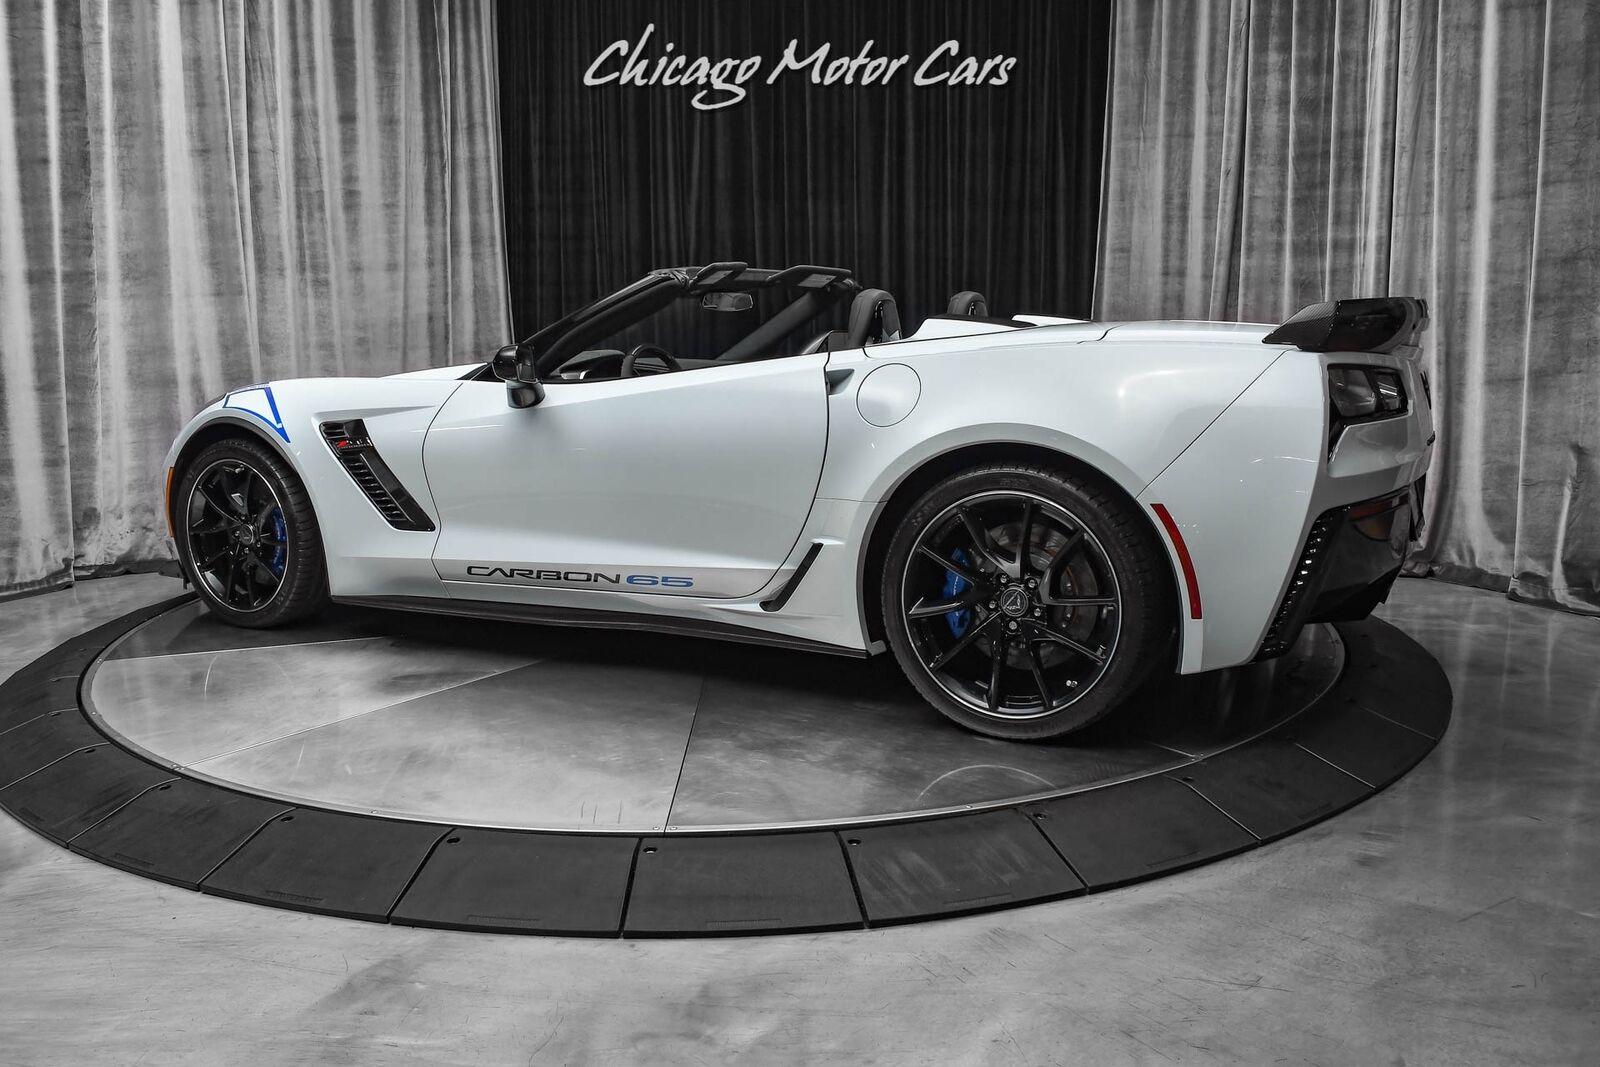 2018 White Chevrolet Corvette Z06 3LZ | C7 Corvette Photo 3